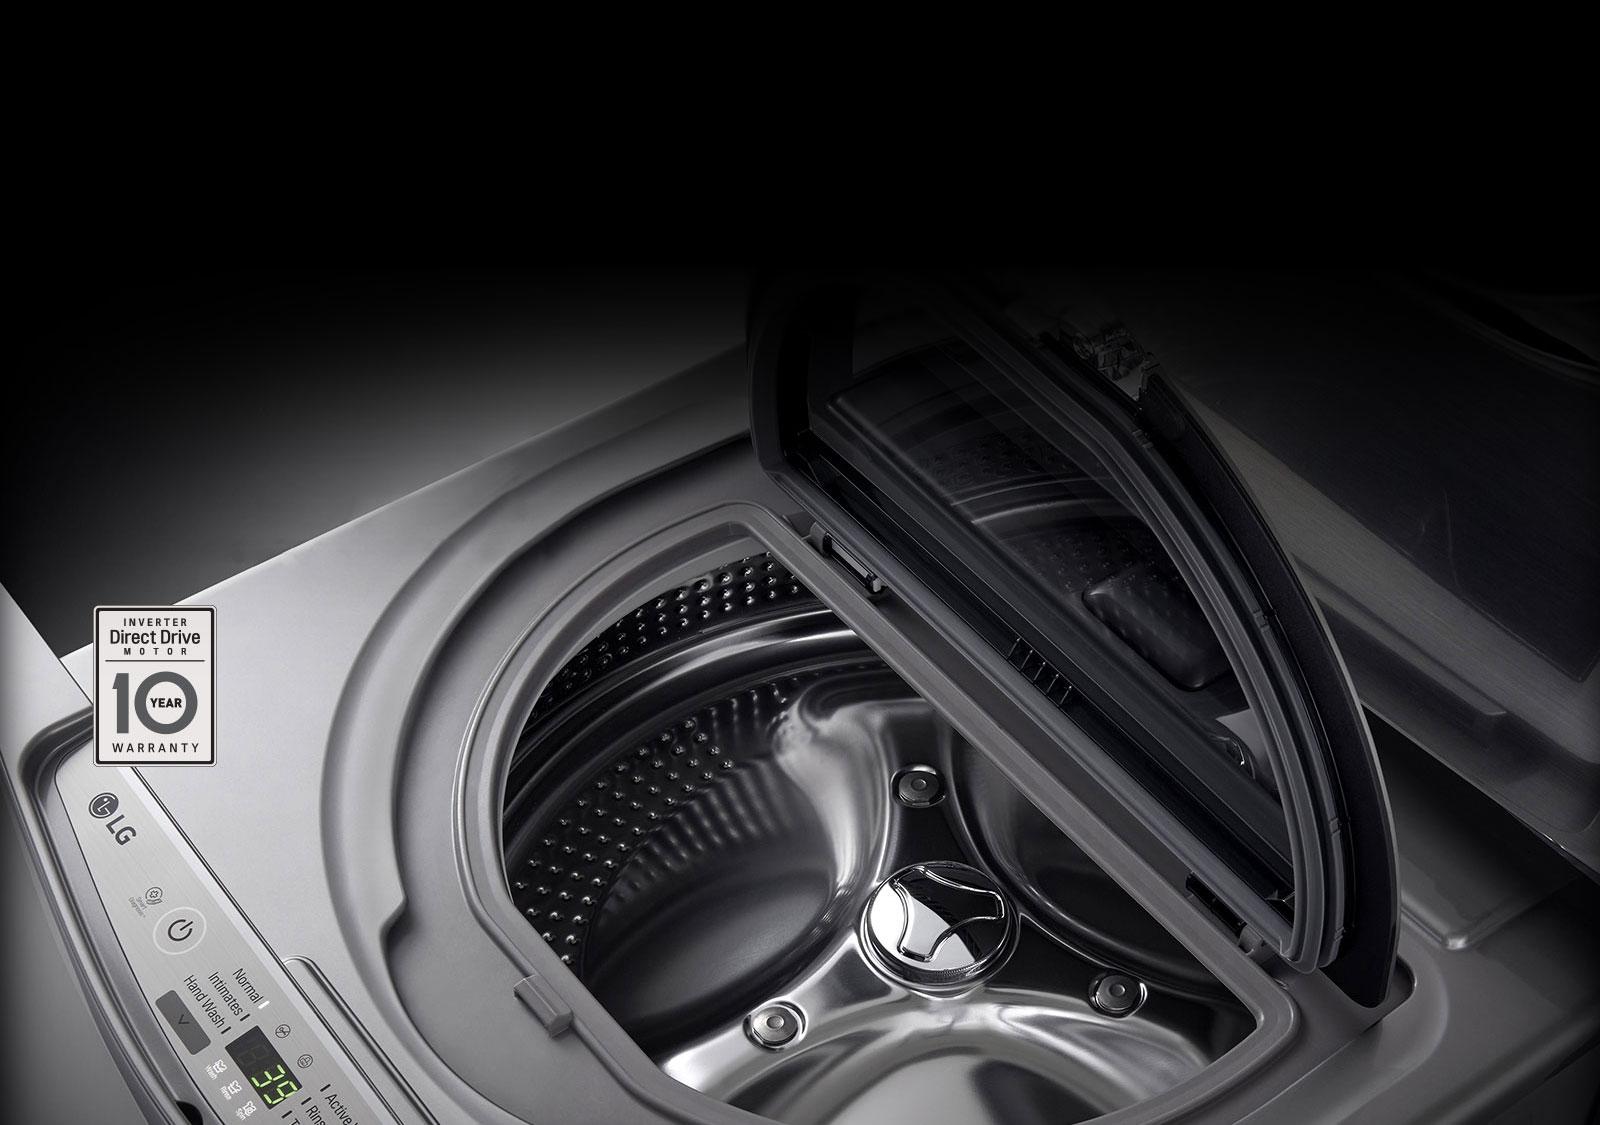 إل جي توين واش غسالة 12 كيلو و مجفف 8 كيلو 1100 لفة بالبخار ستانلس + غسالة سفلية 2 كيلو  FT614G1SS